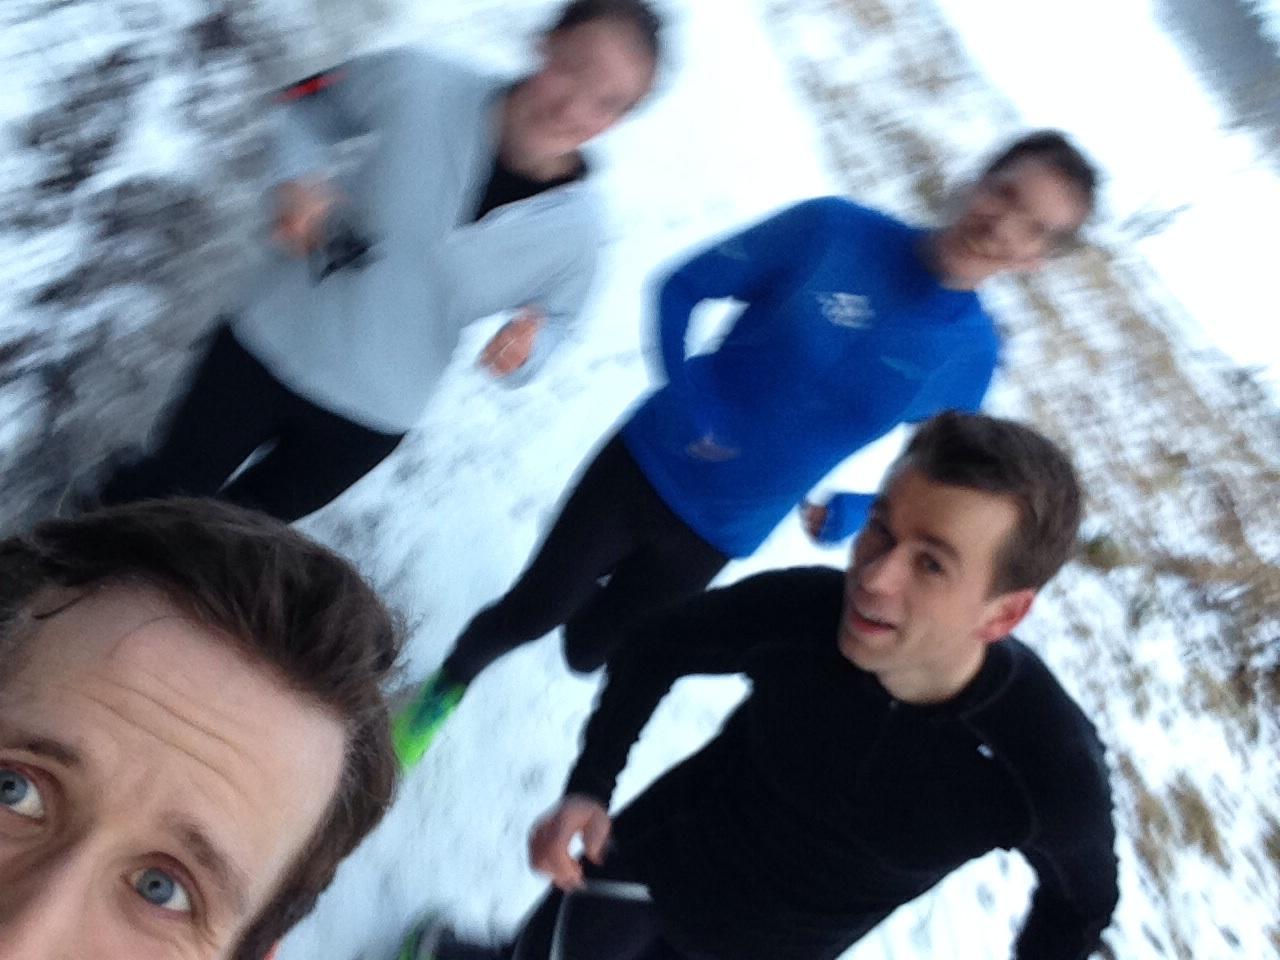 Løpevenner hjelper på sluttiden!